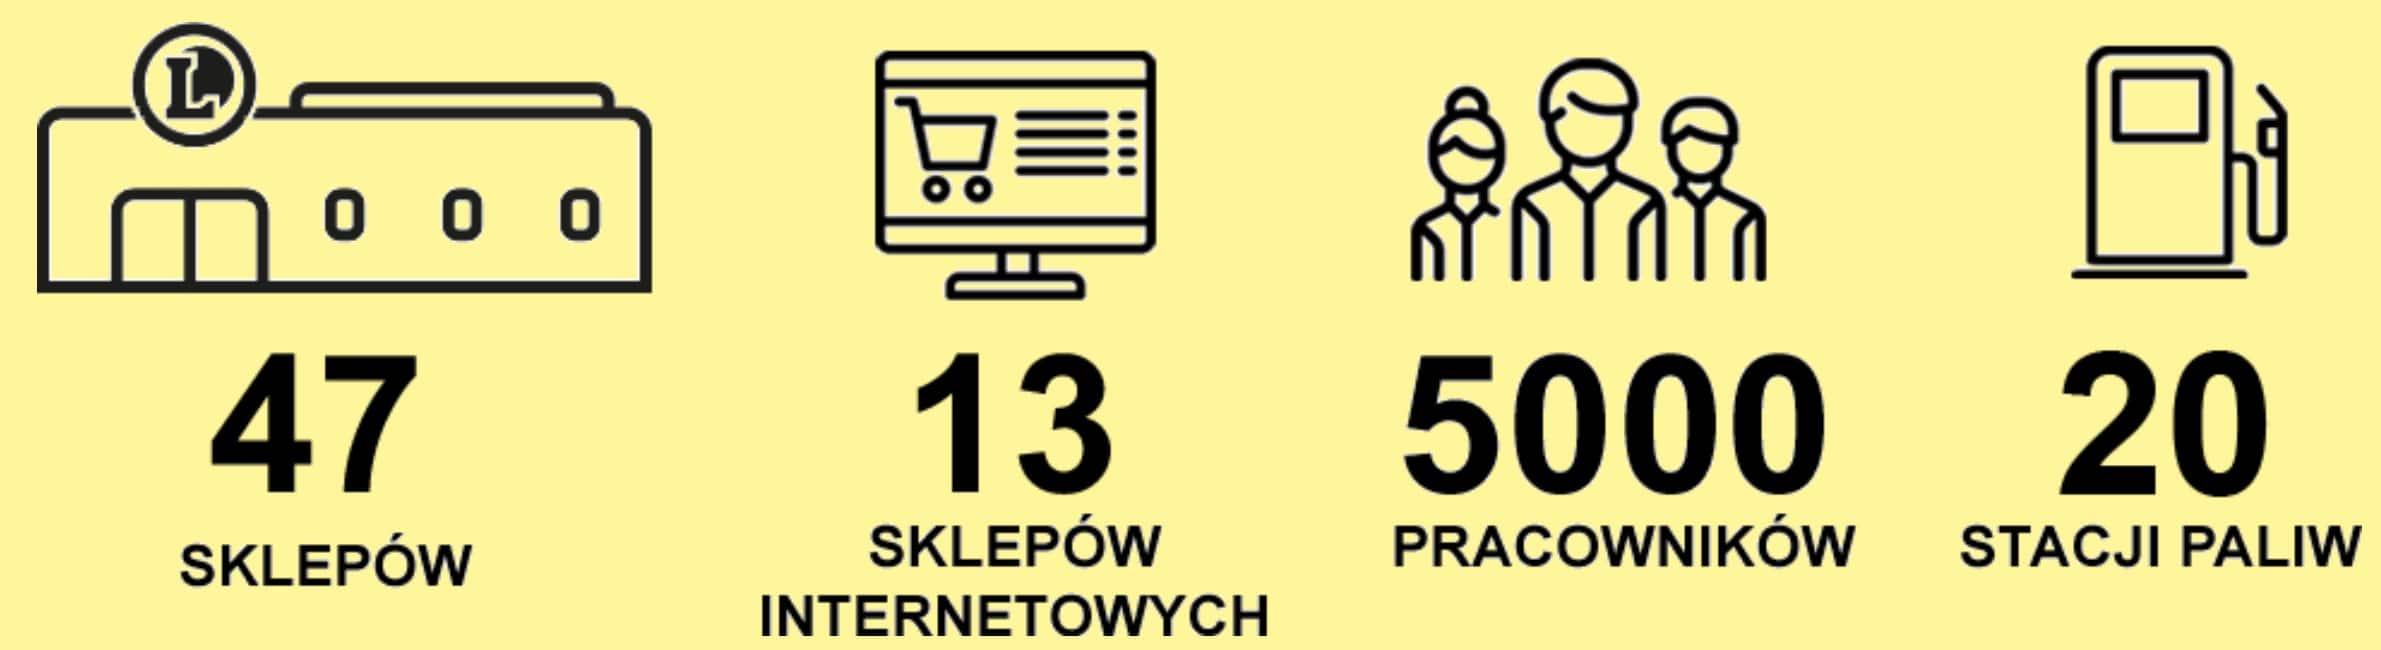 Eleclerc ilość sklepów